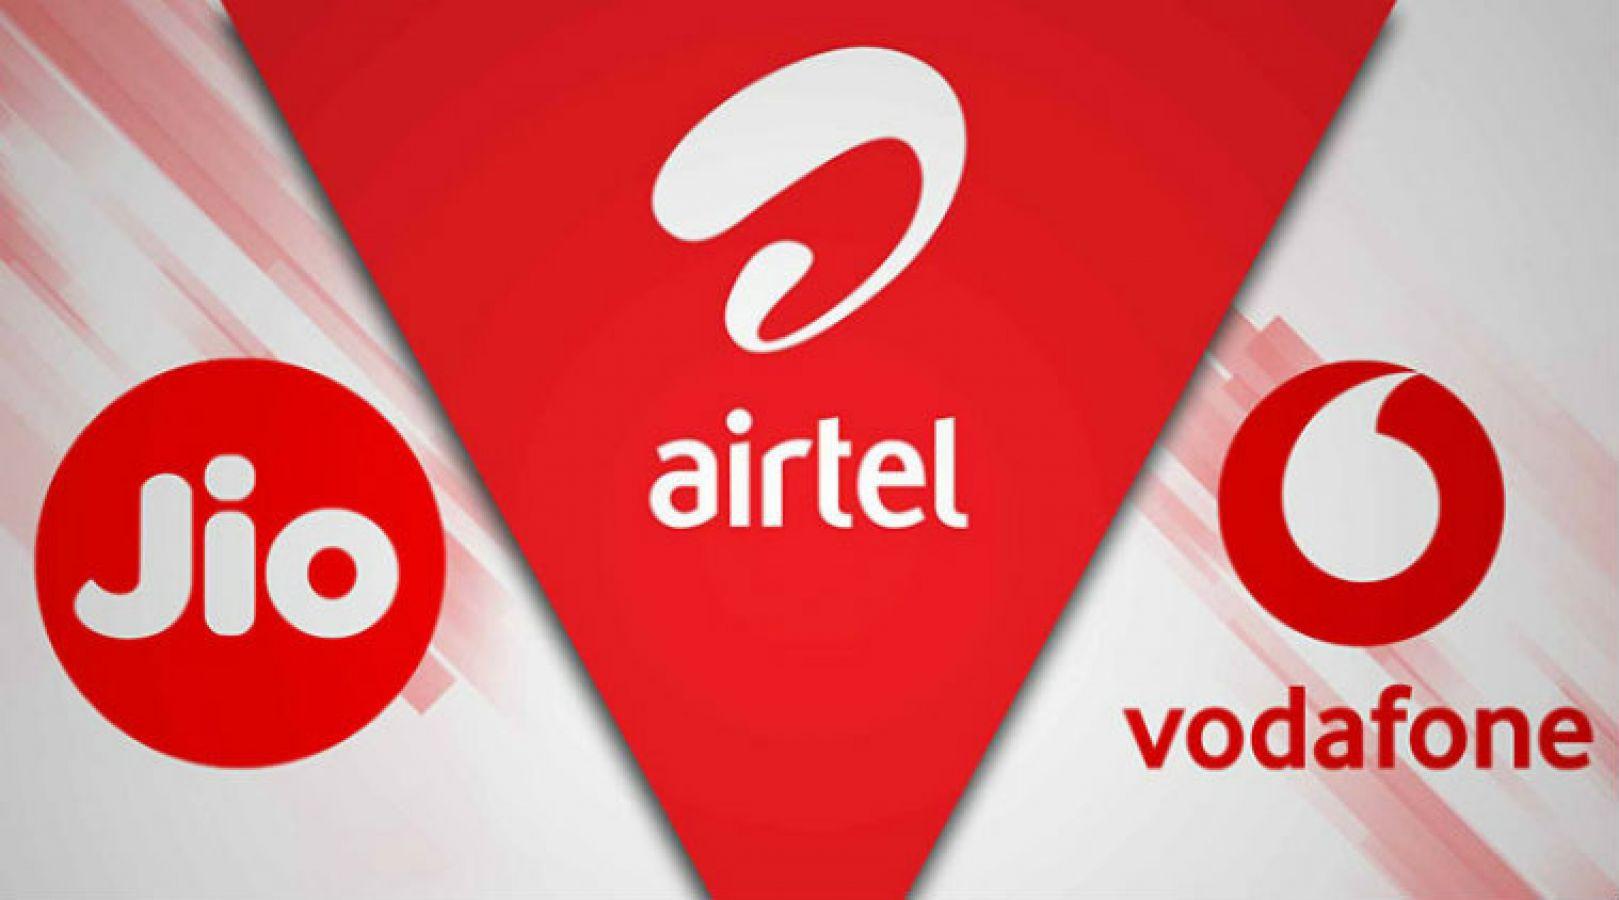 Jio vs Vodafone vs Airtel के 100 रु से भी कम के अनलिमिटेड बेनिफिट्स प्लान